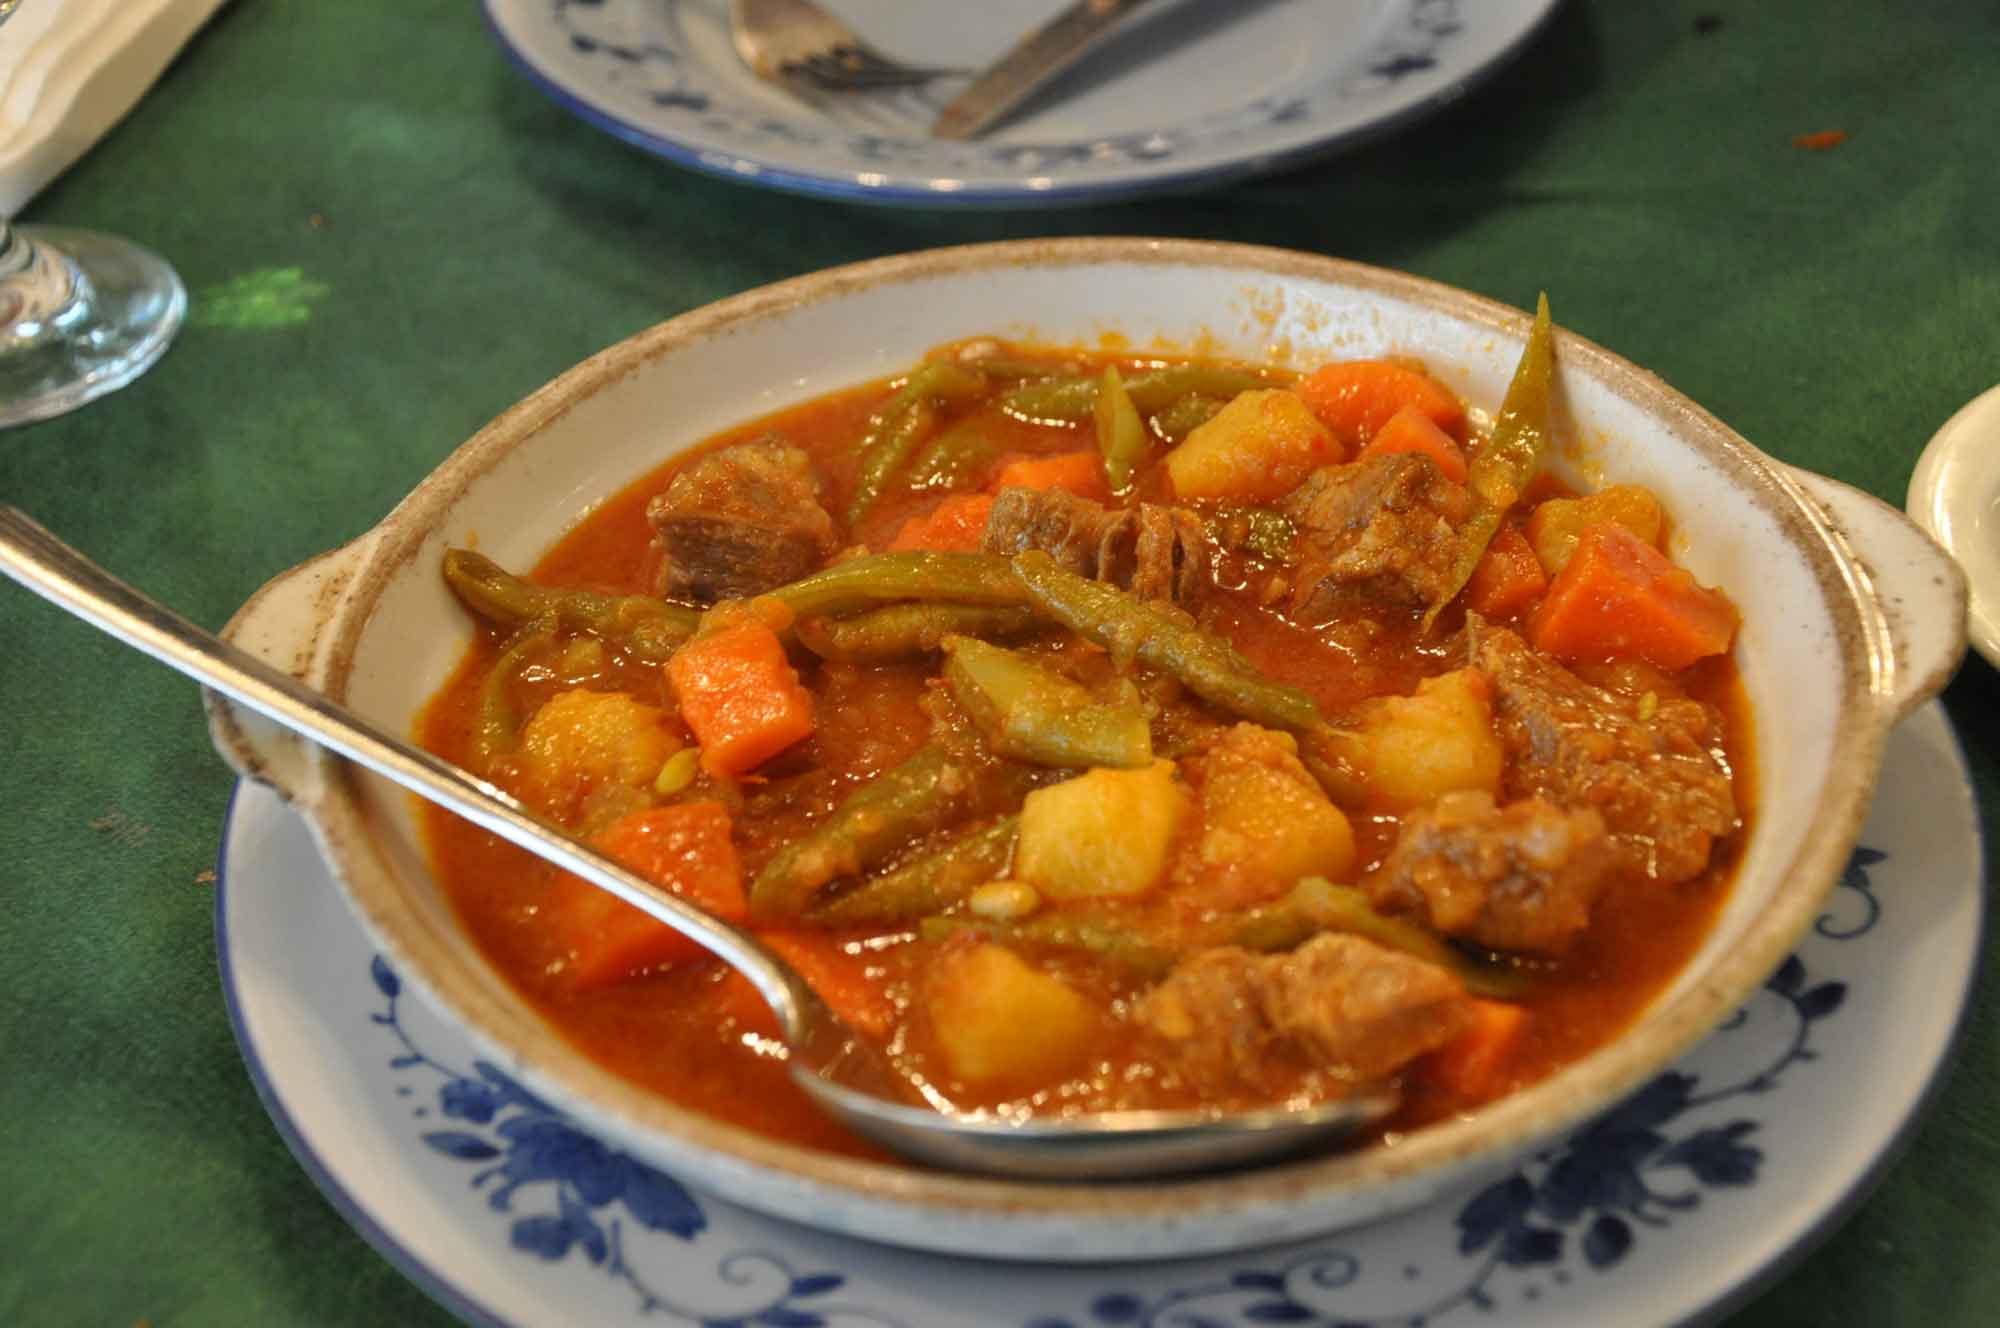 O Manuel Macau stew